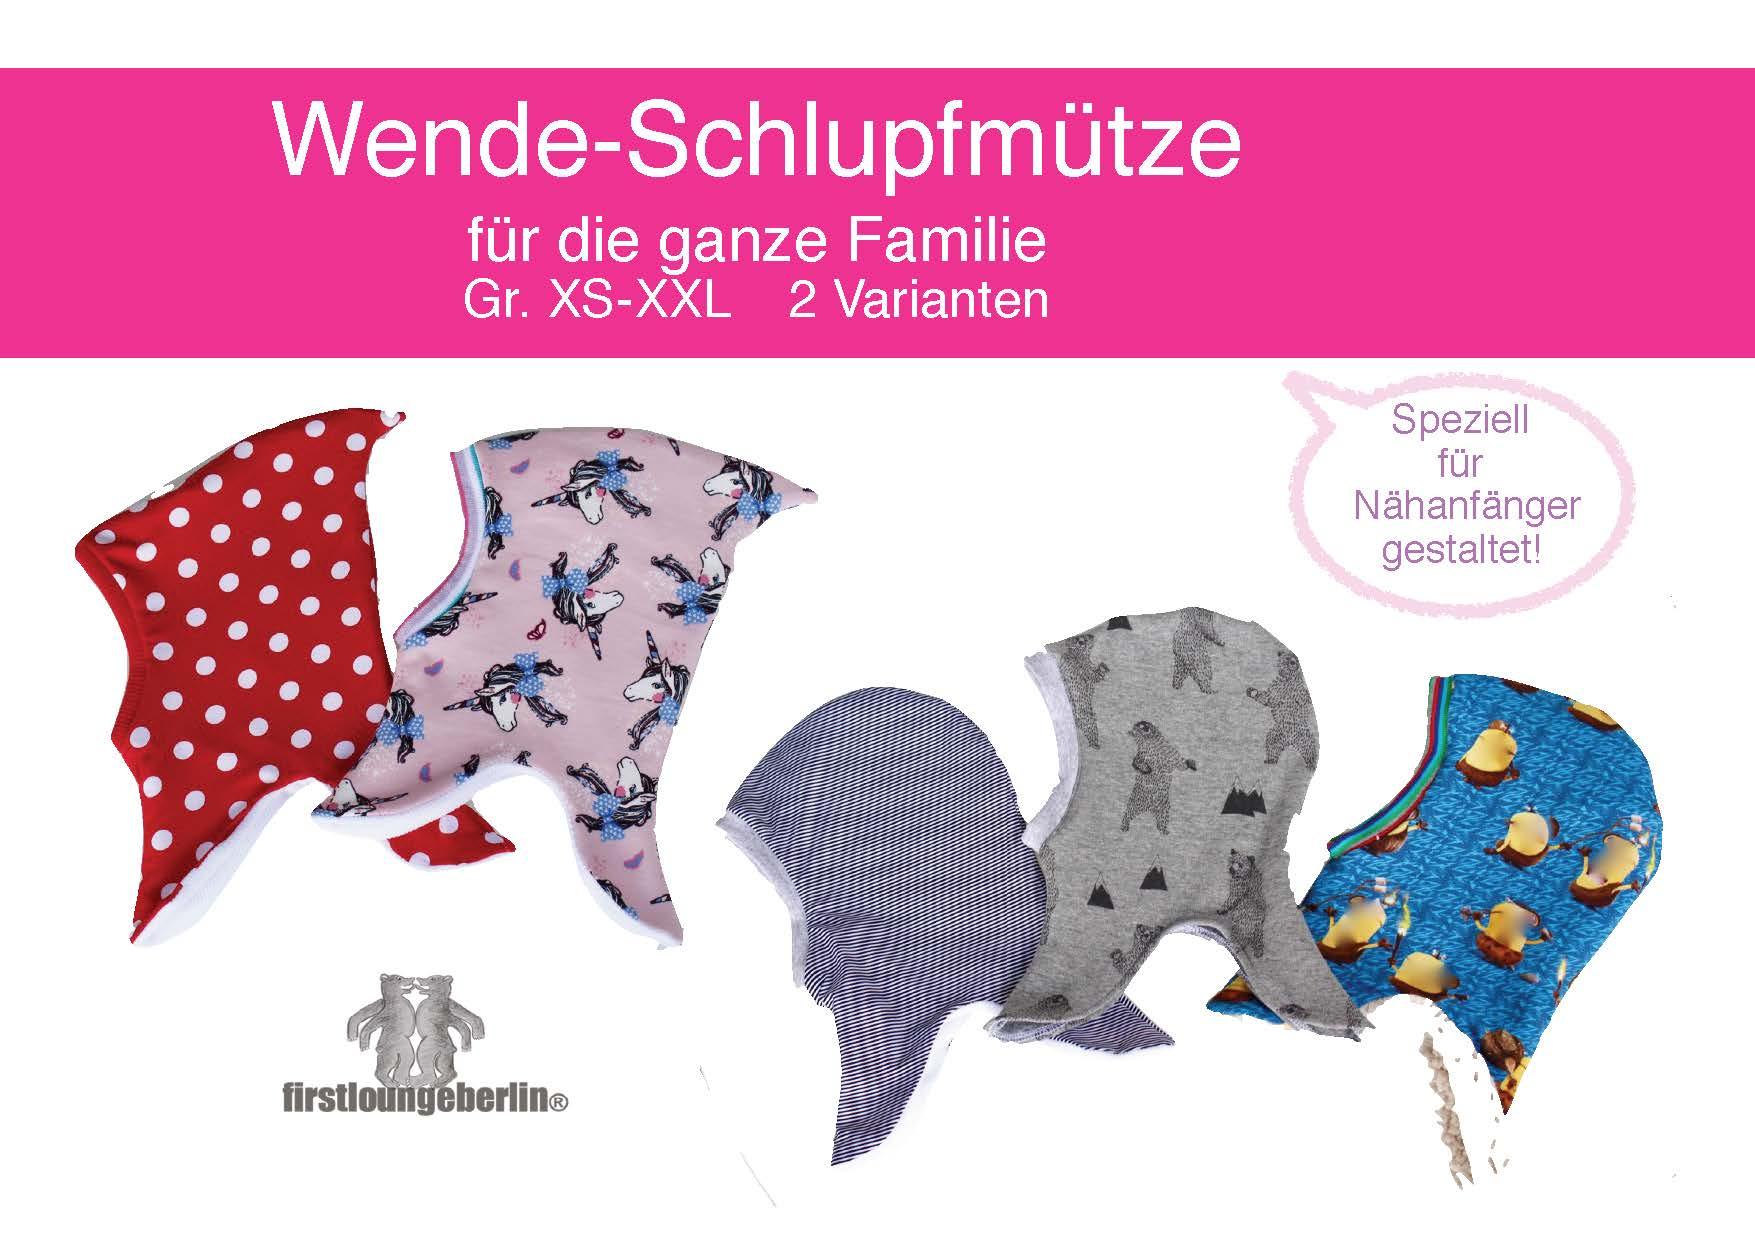 Wende-Schlupfmütze Schnitt und Nähanleitung für die ganze Familie in 6 Größen [Download]